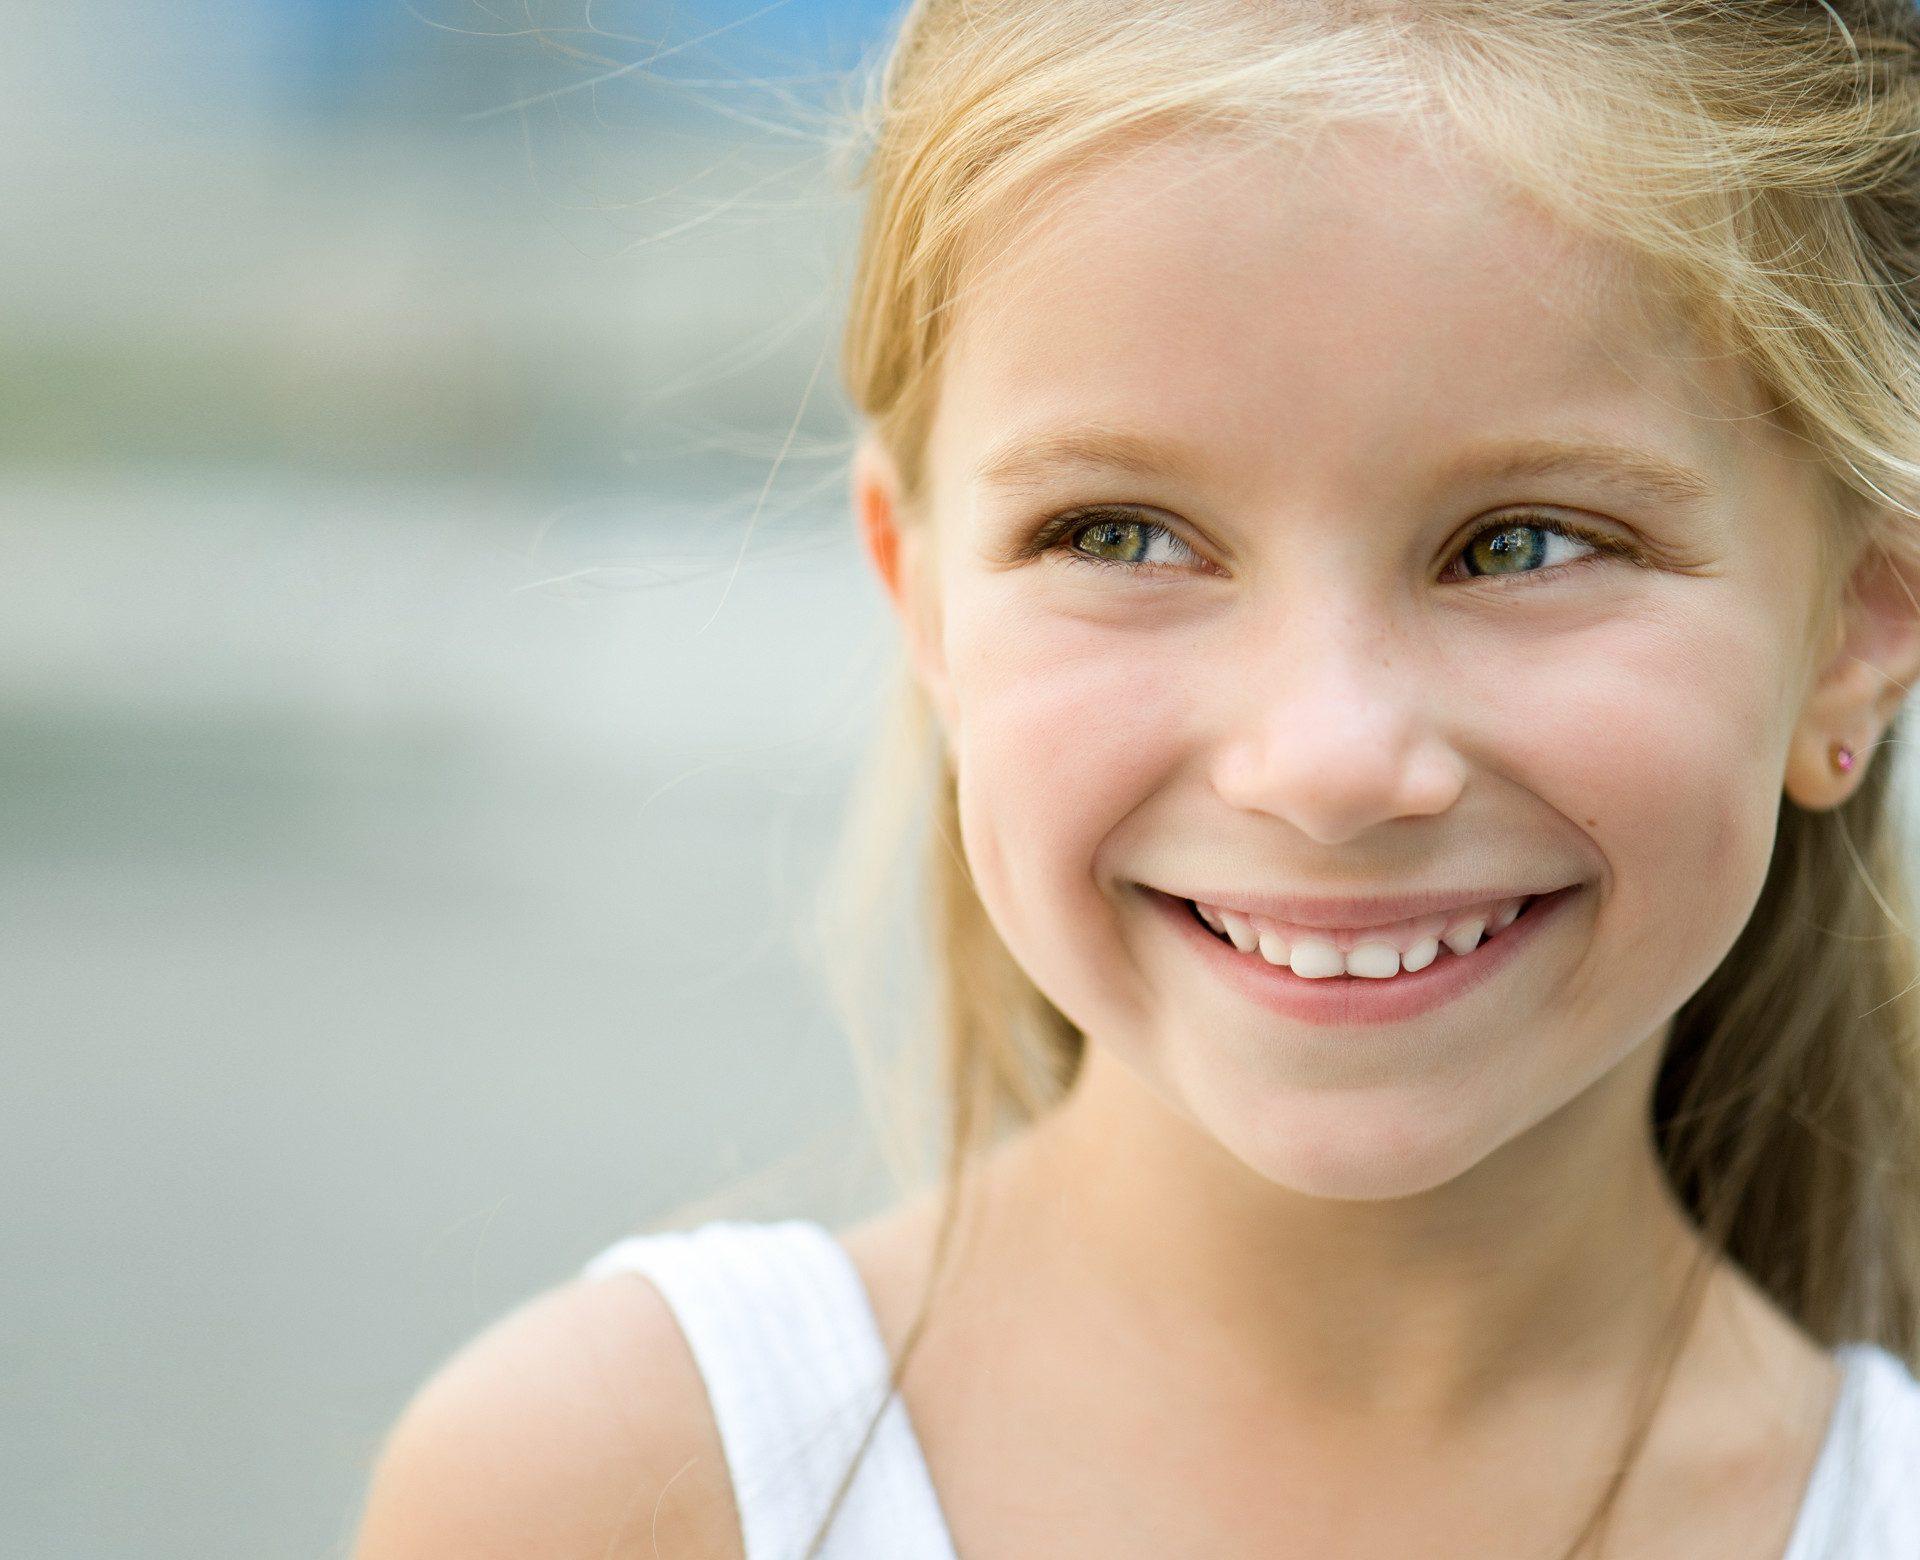 Mlečni zobki, bogat vir matičnih celic, ki rešujejo življenja.